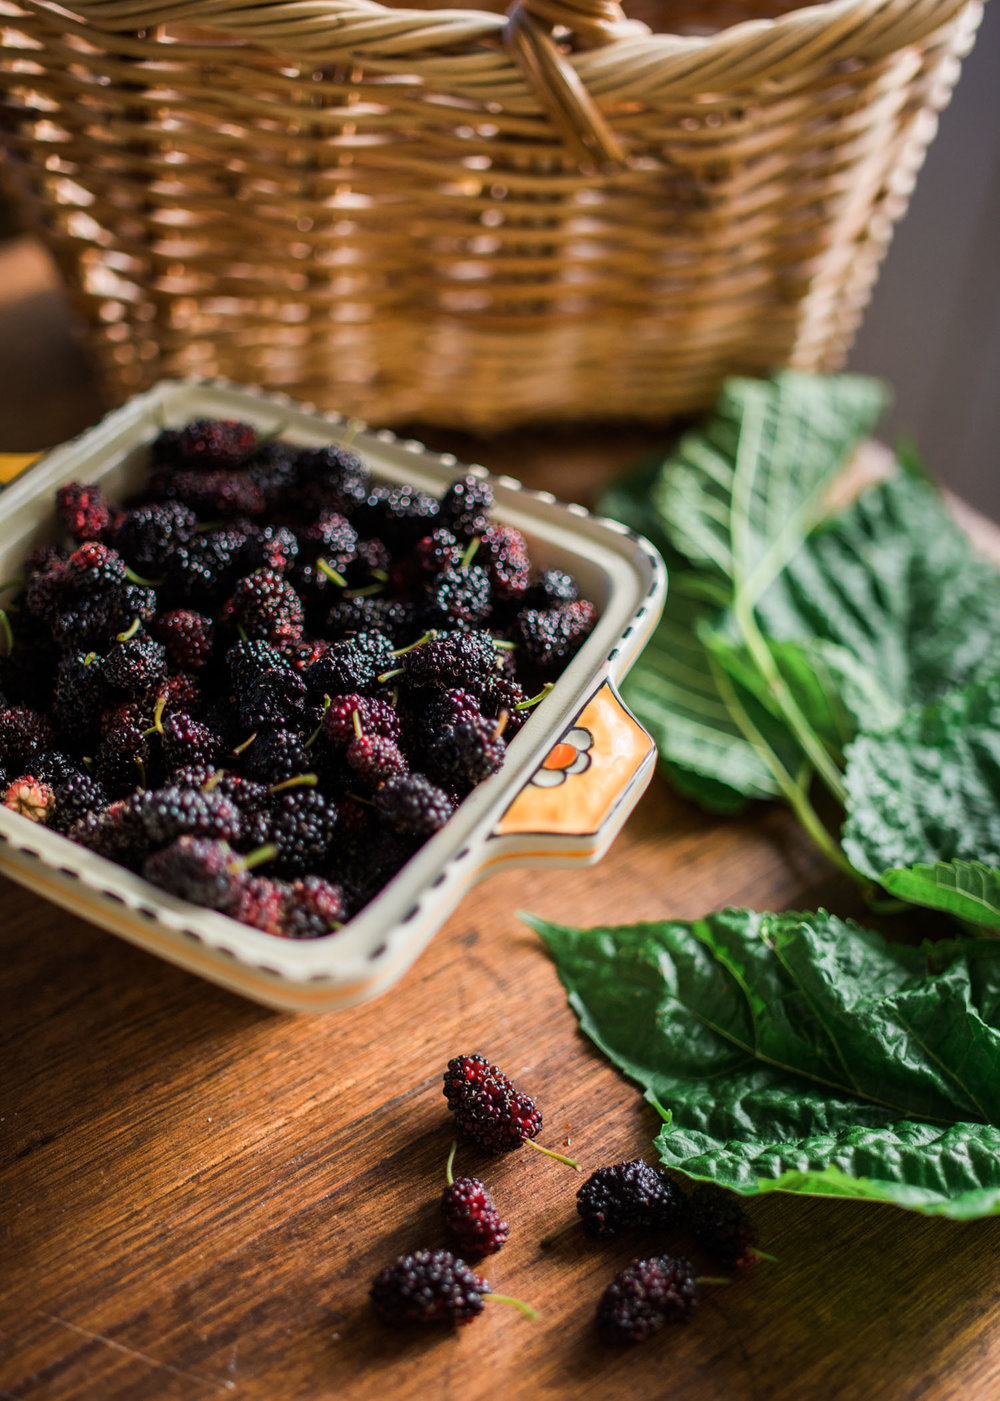 hannahpuechmarin-mulberrypie.jpg